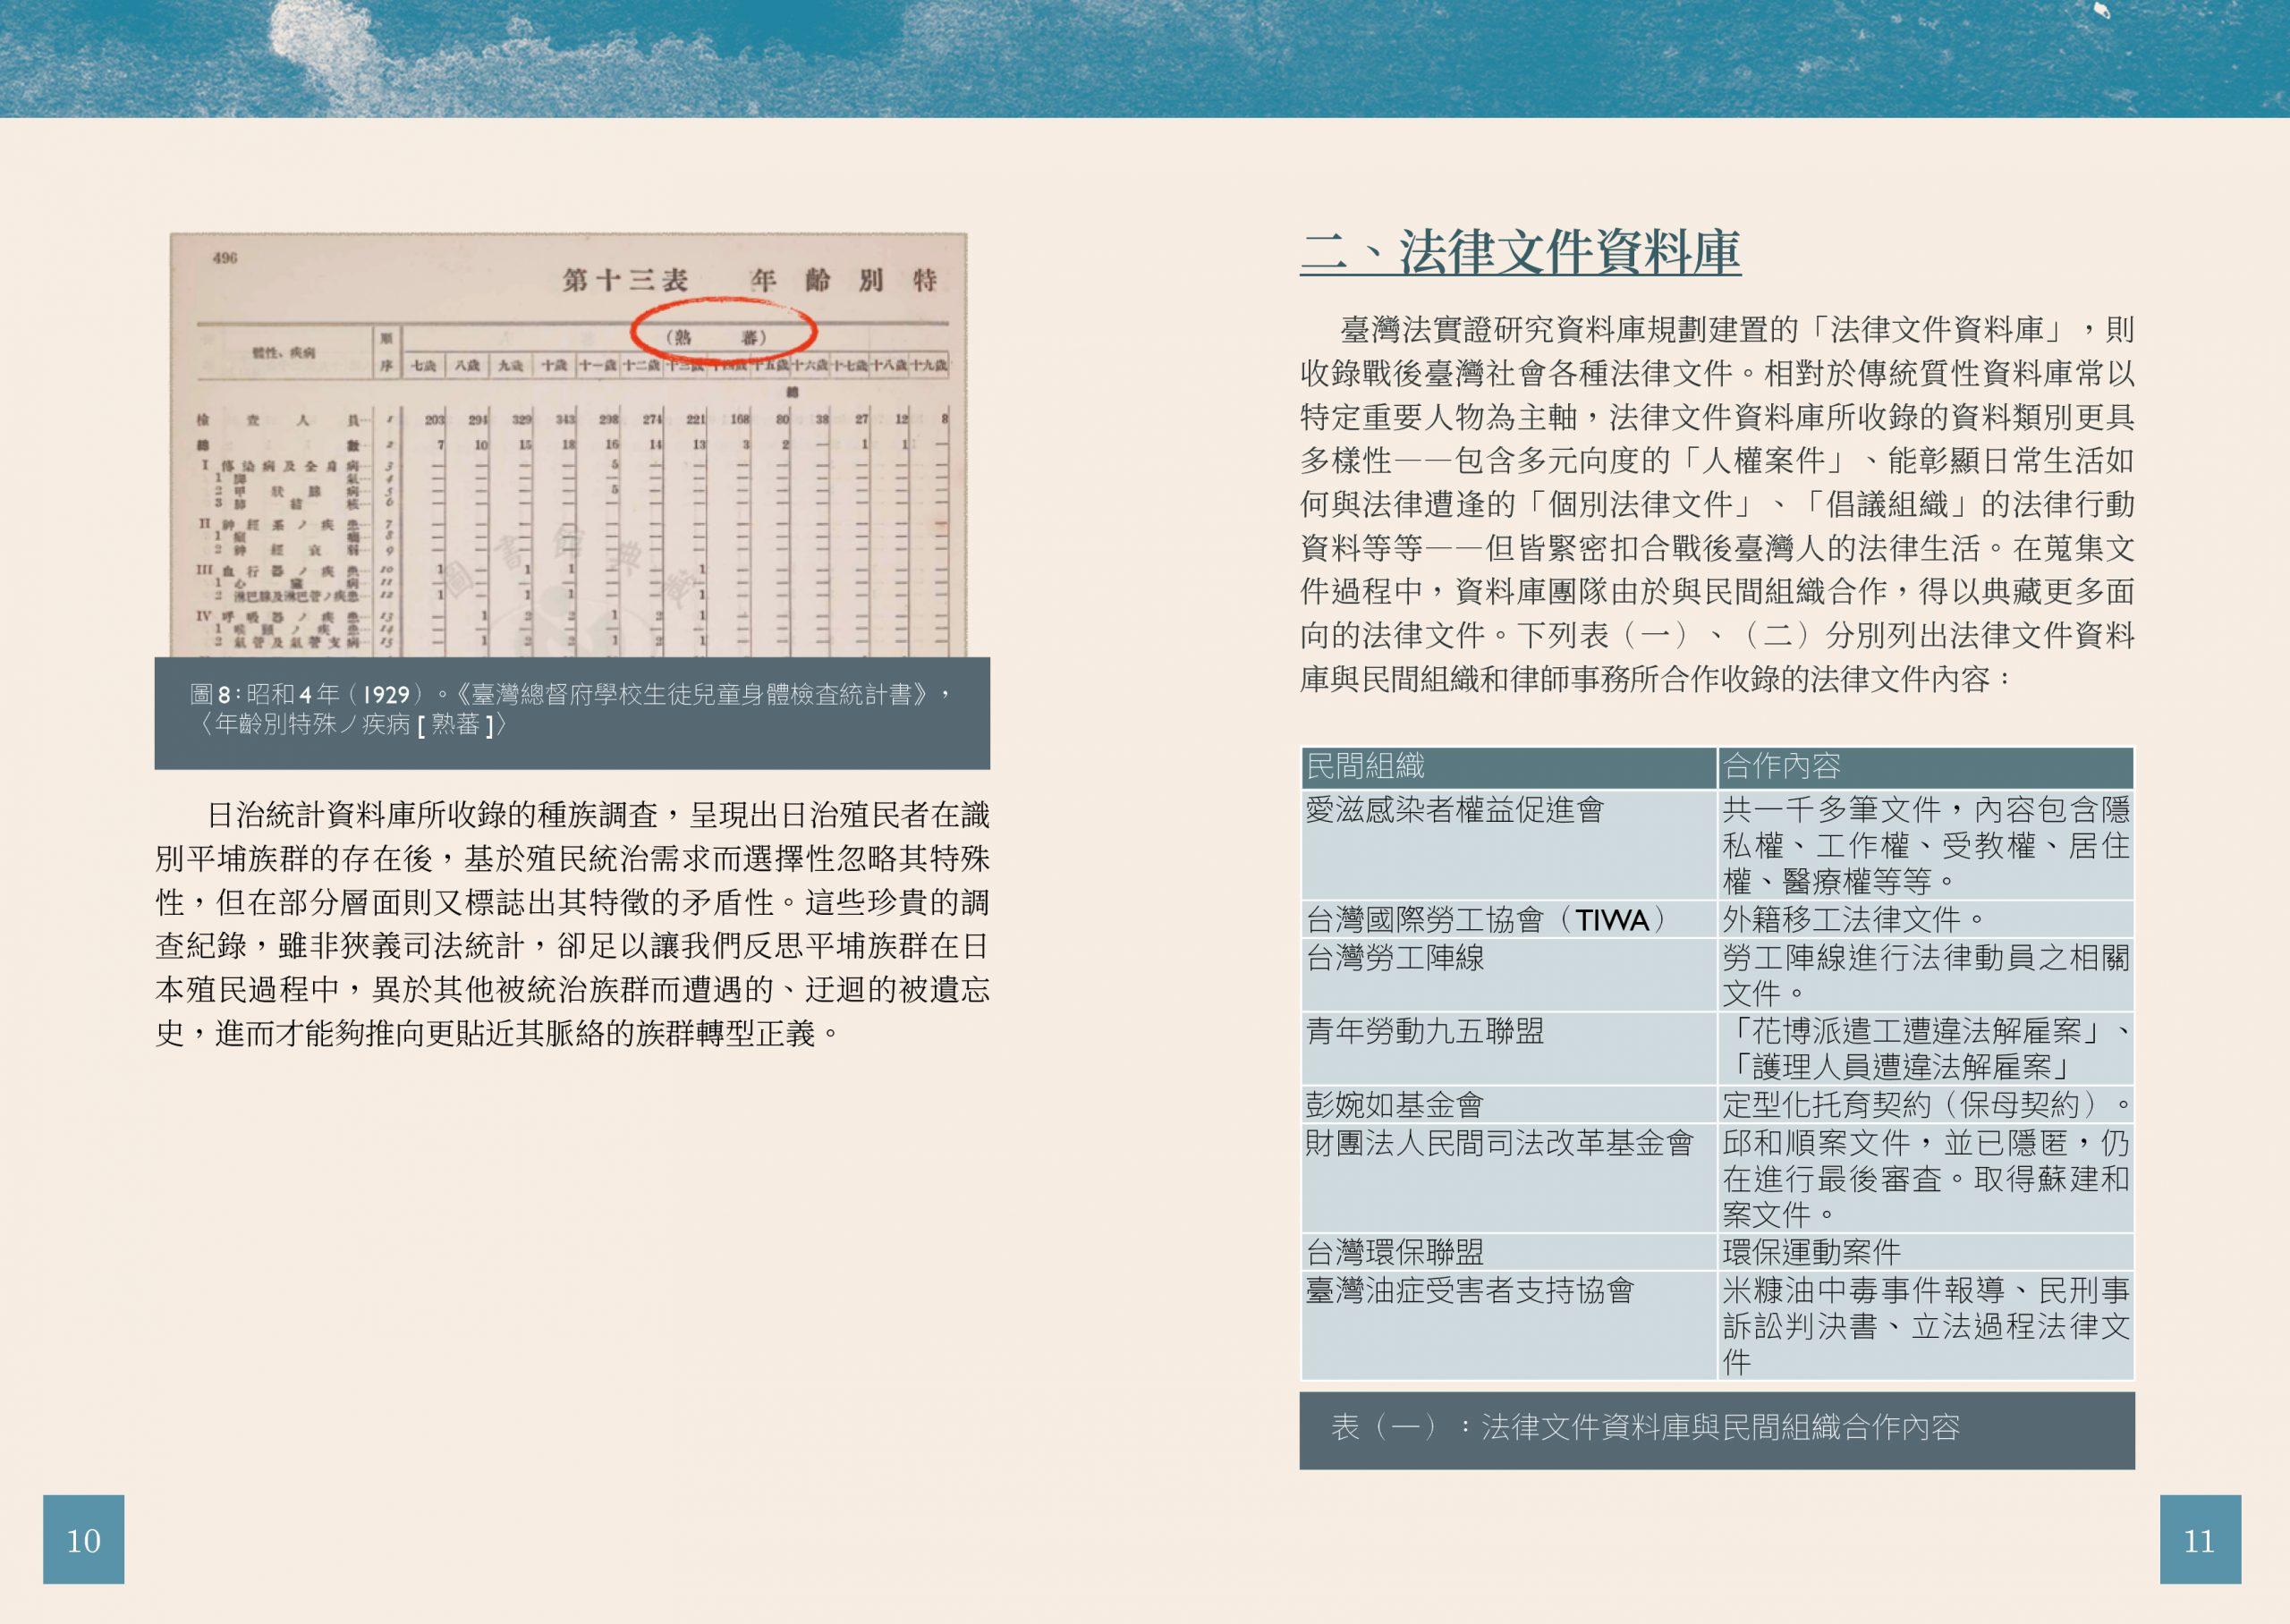 台灣法實證資料庫介紹手冊內文_1001-26